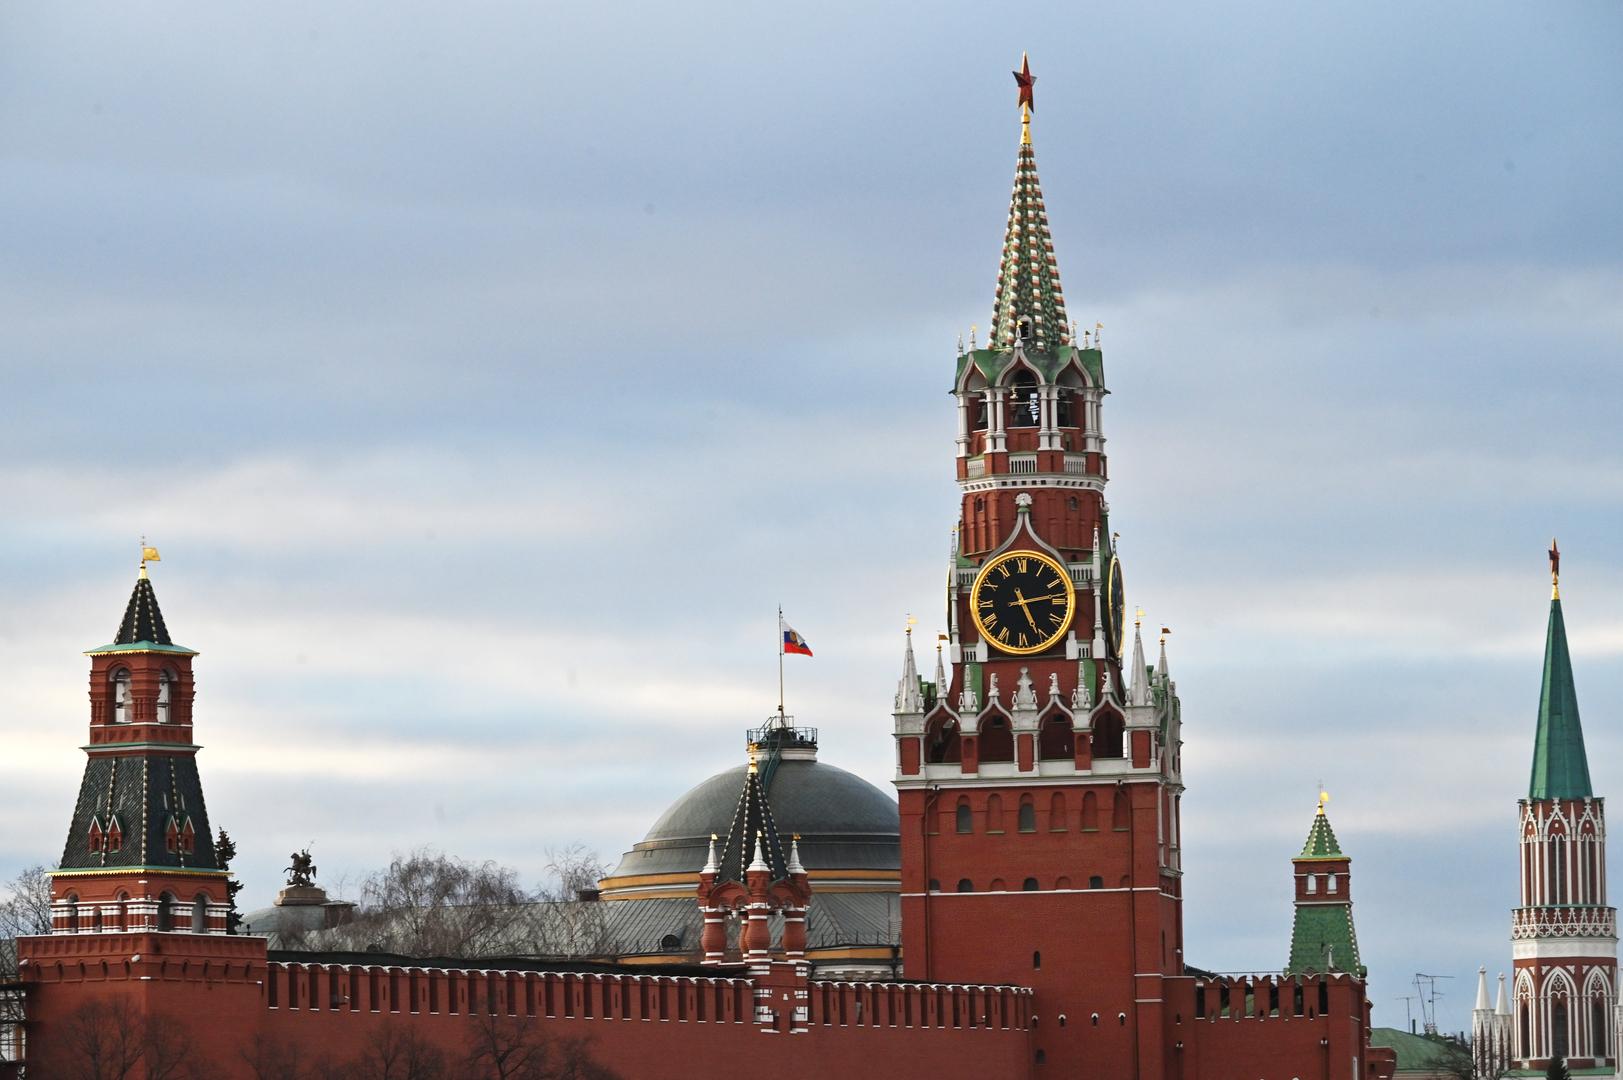 الكرملين: نبحث احتمال عقد لقاء بين بوتين وأردوغان في موسكو يومي 5 أو 6 مارس